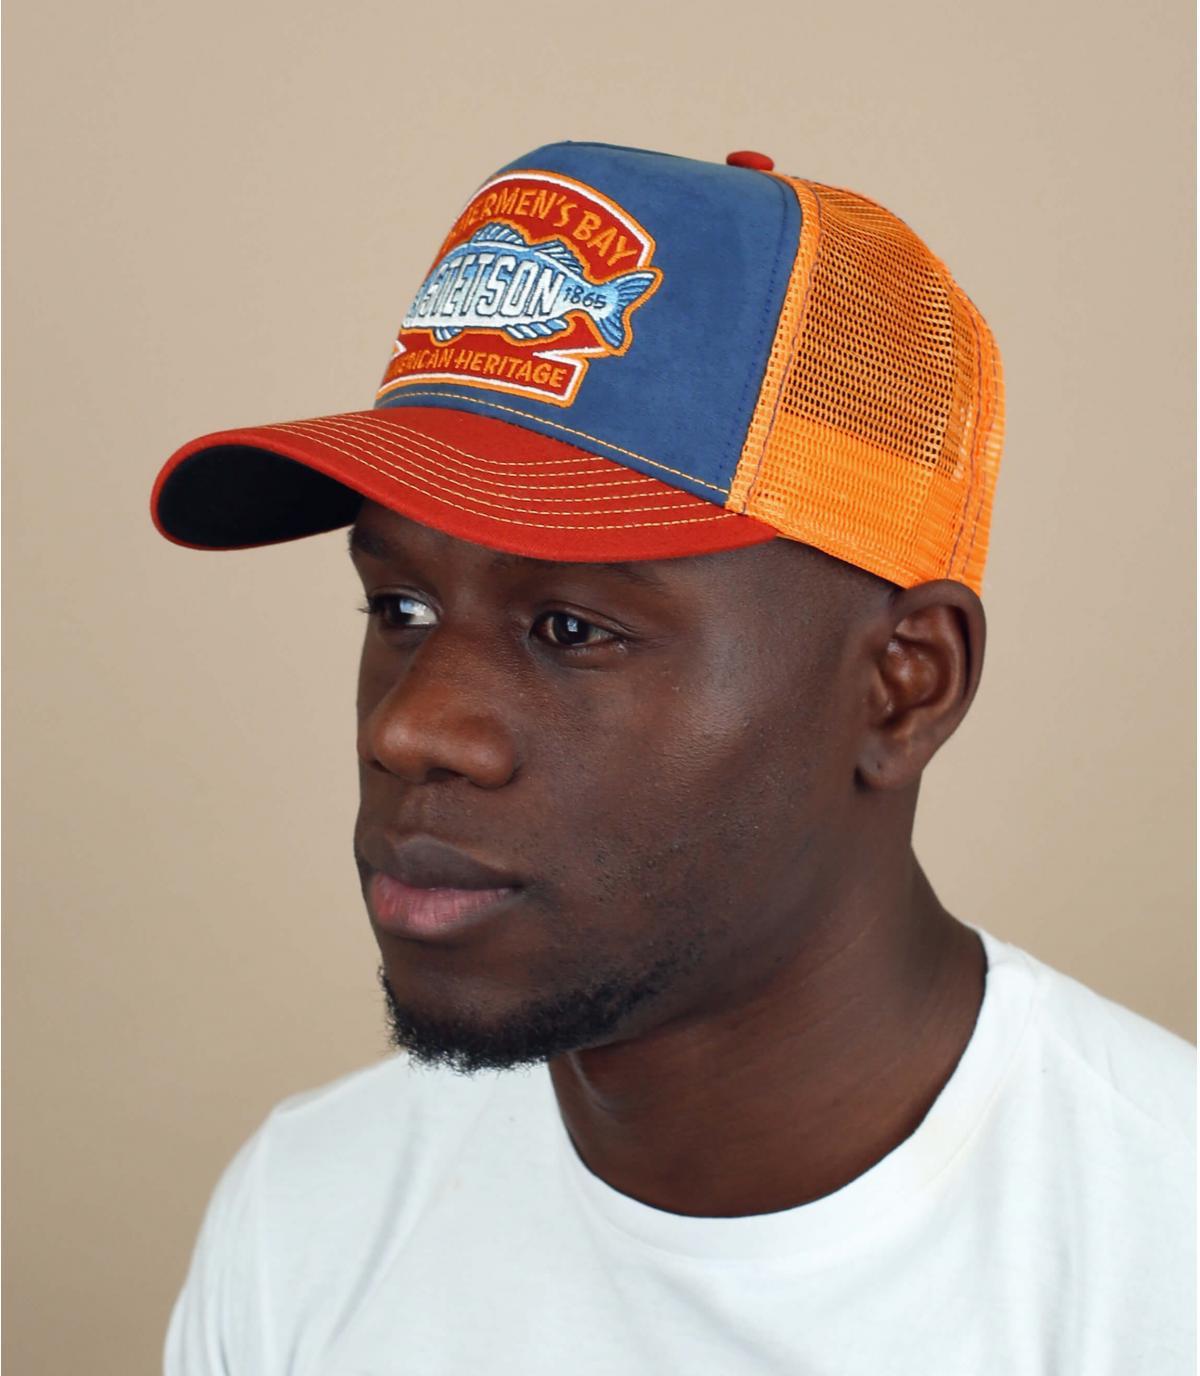 Stetson fish trucker cap